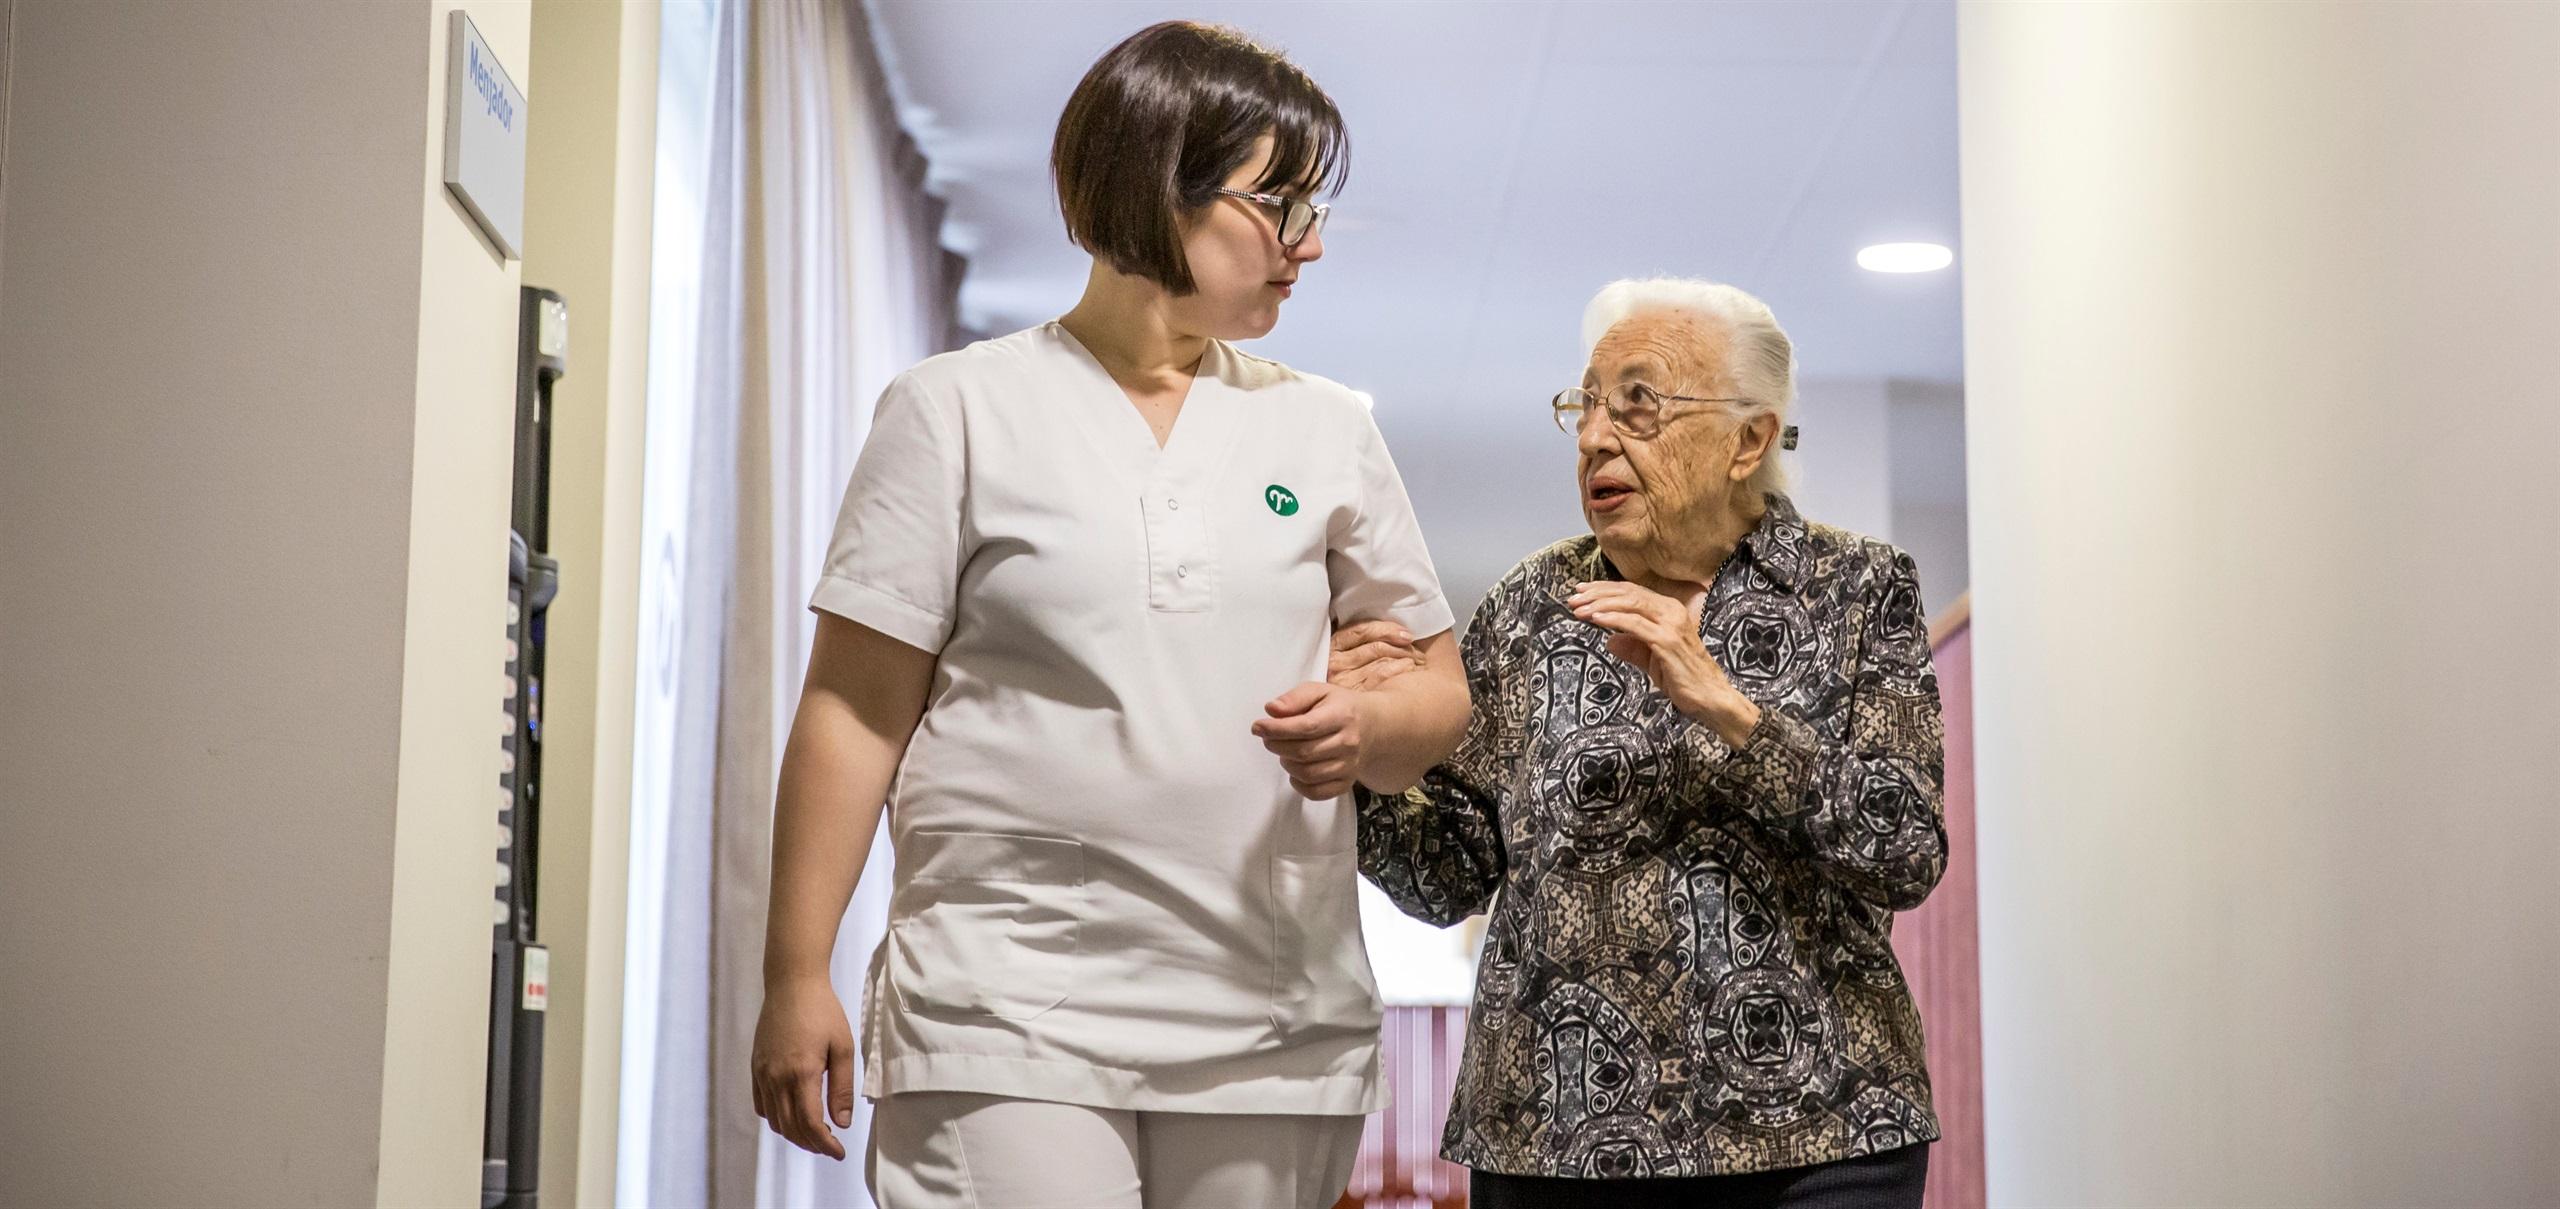 Webinar de geriatria. Impacte de la COVID-19 a les residències i centres sociosanitaris: epidemiologia i mesures de control